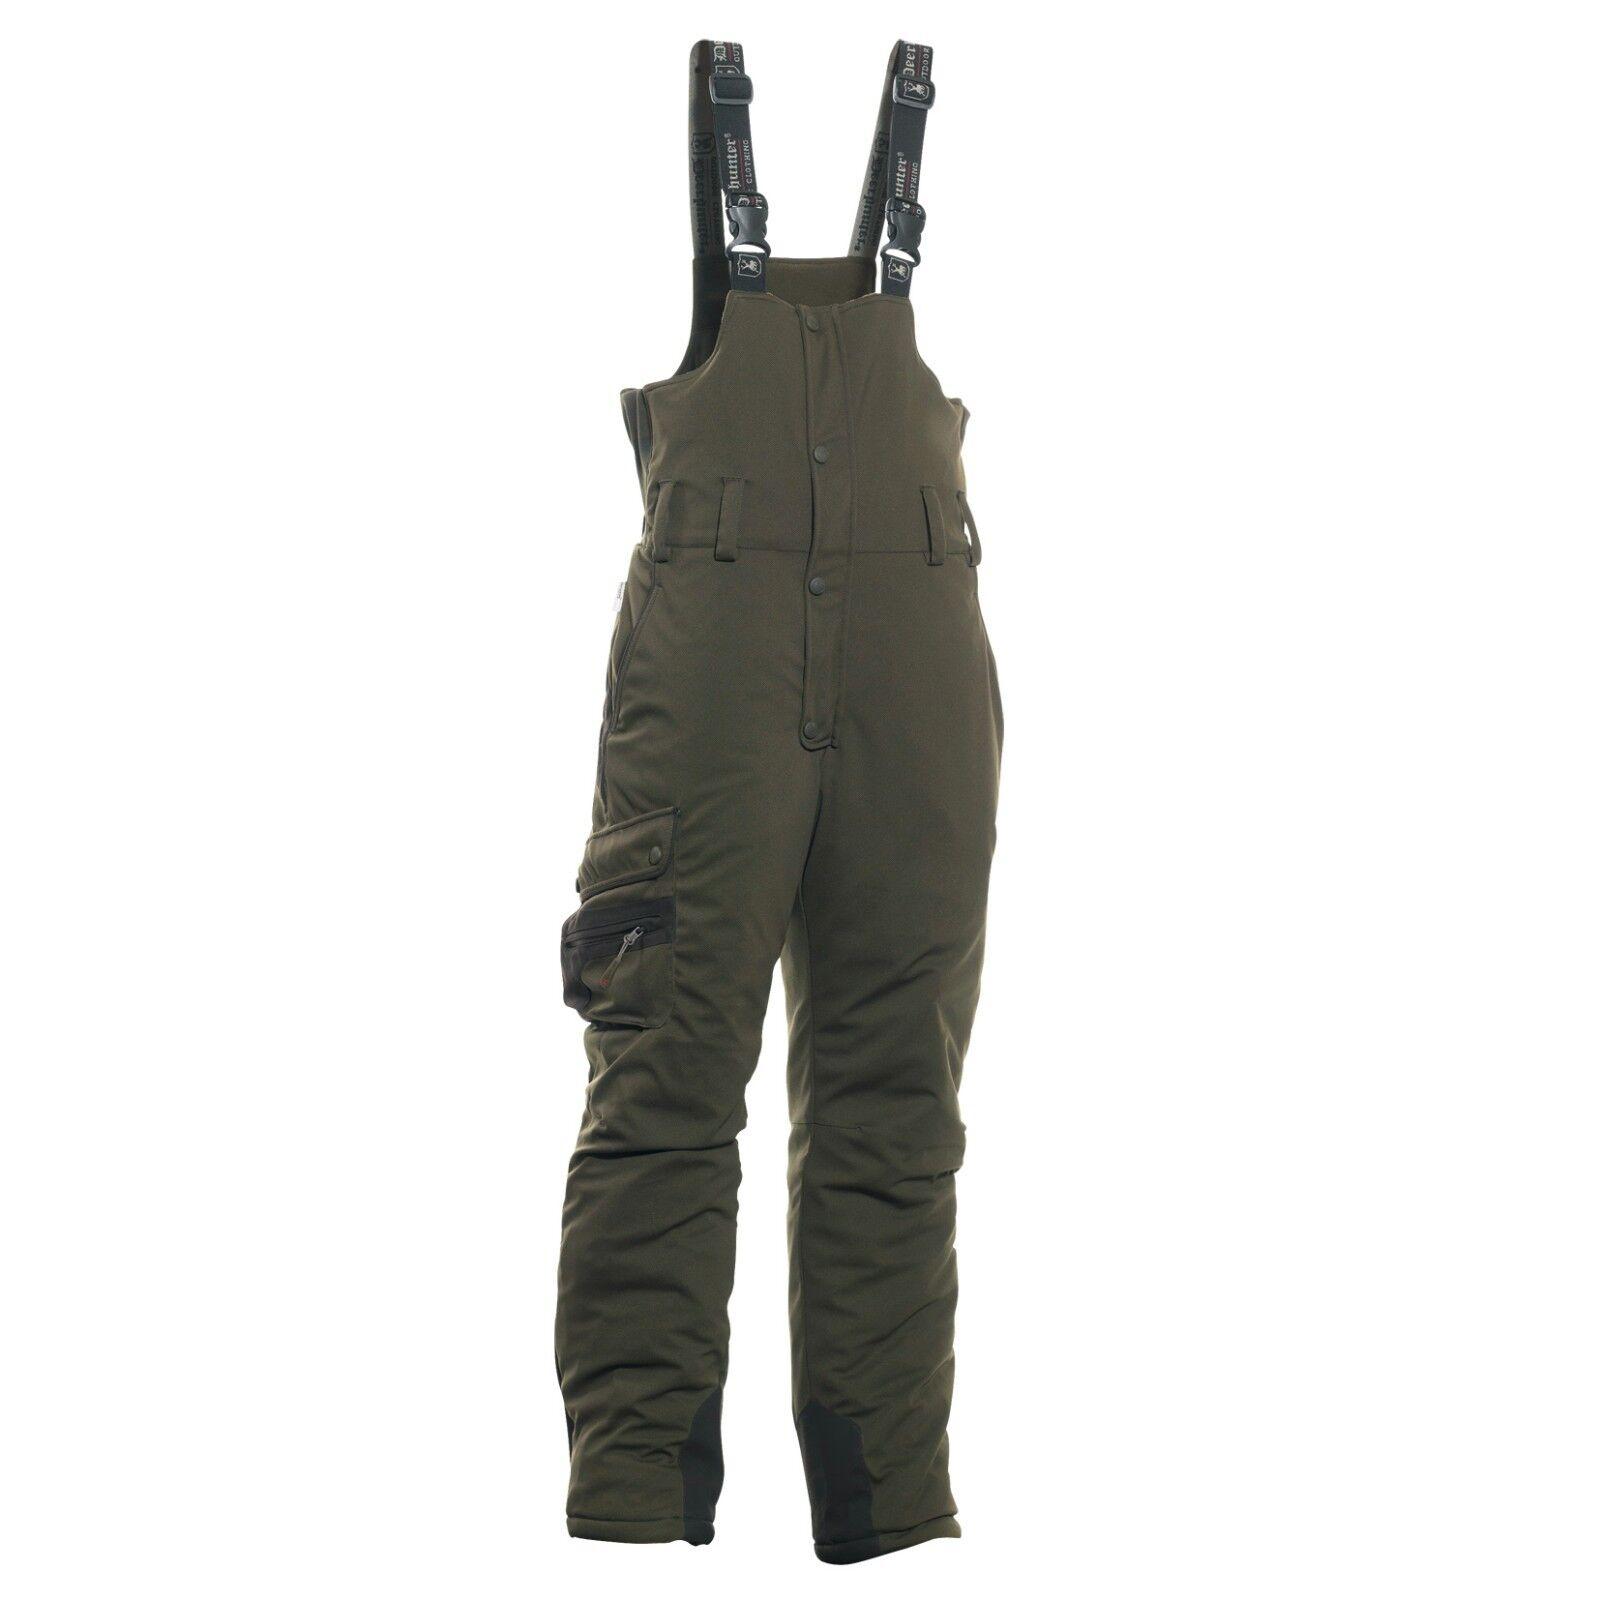 Deerhunter Muflon Bib & Brace Waterproof Trousers